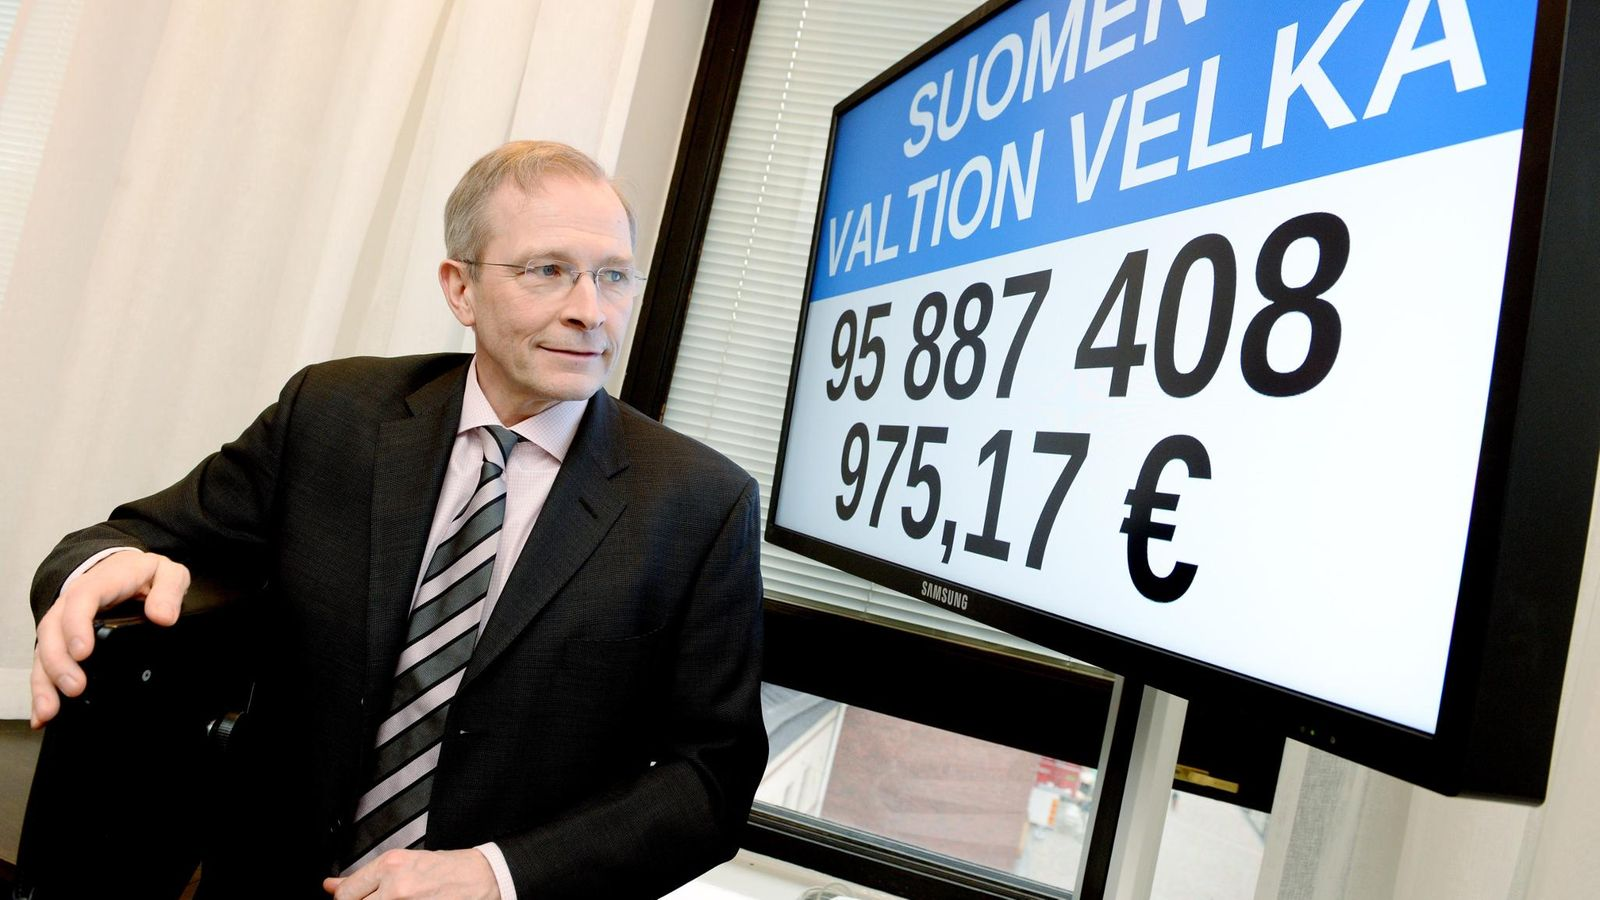 Helsingin keskustaan asennettiin velkakello – valtion velka kasvanut 7 vuodessa 75 prosenttia ...